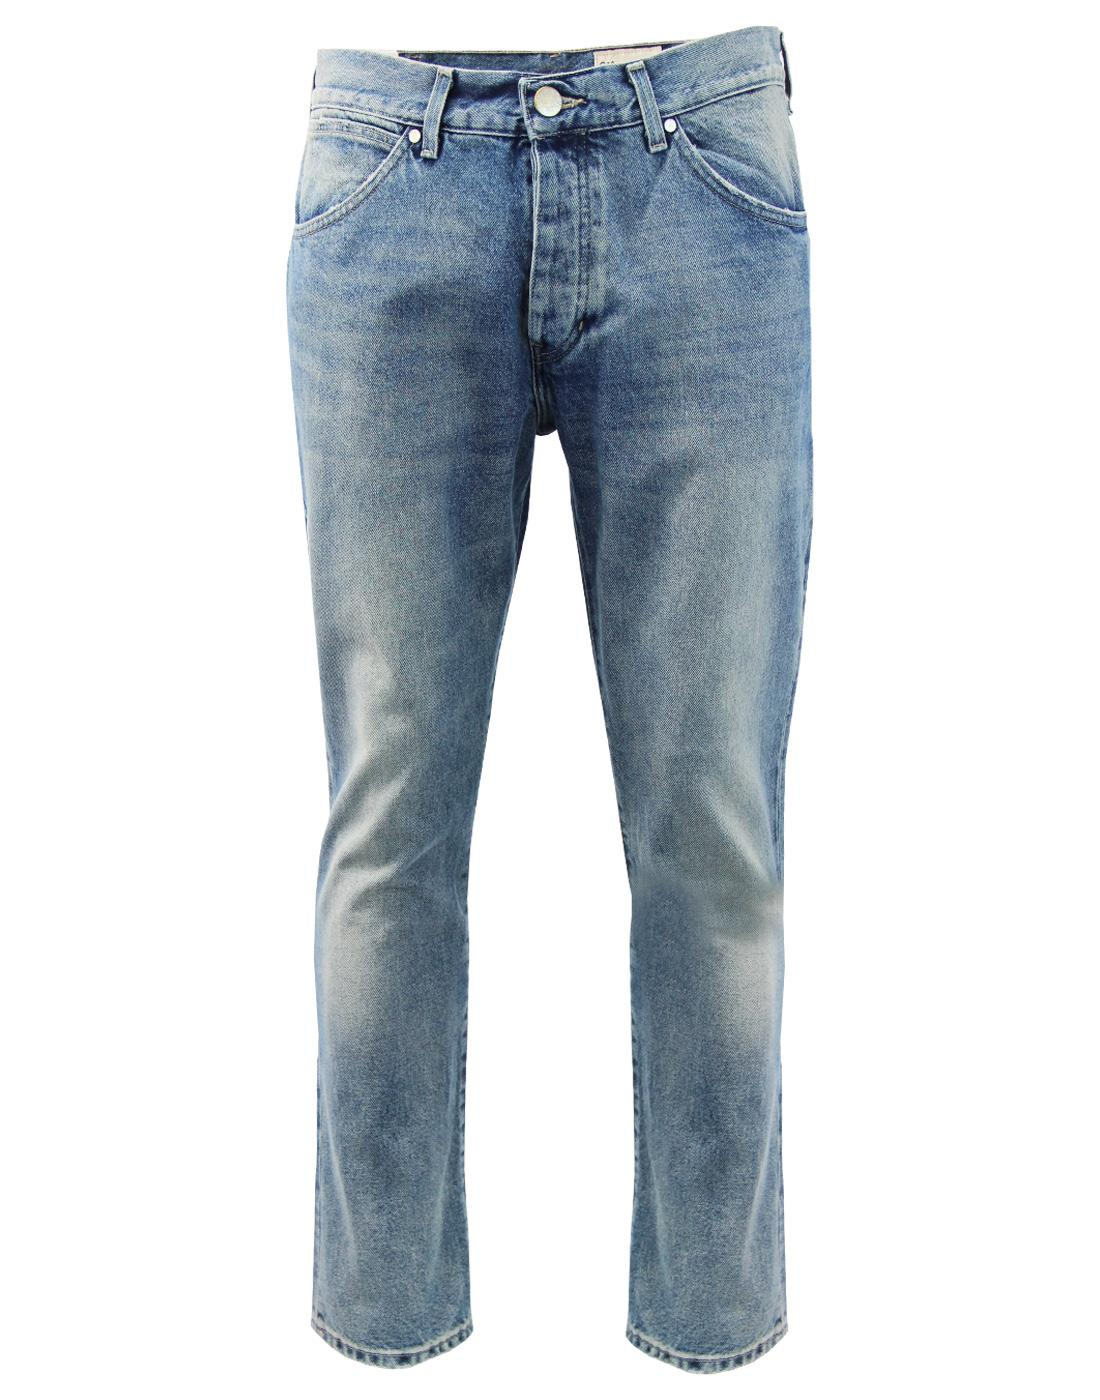 Boyton WRANGLER Retro Mod Regular Tapered Jeans